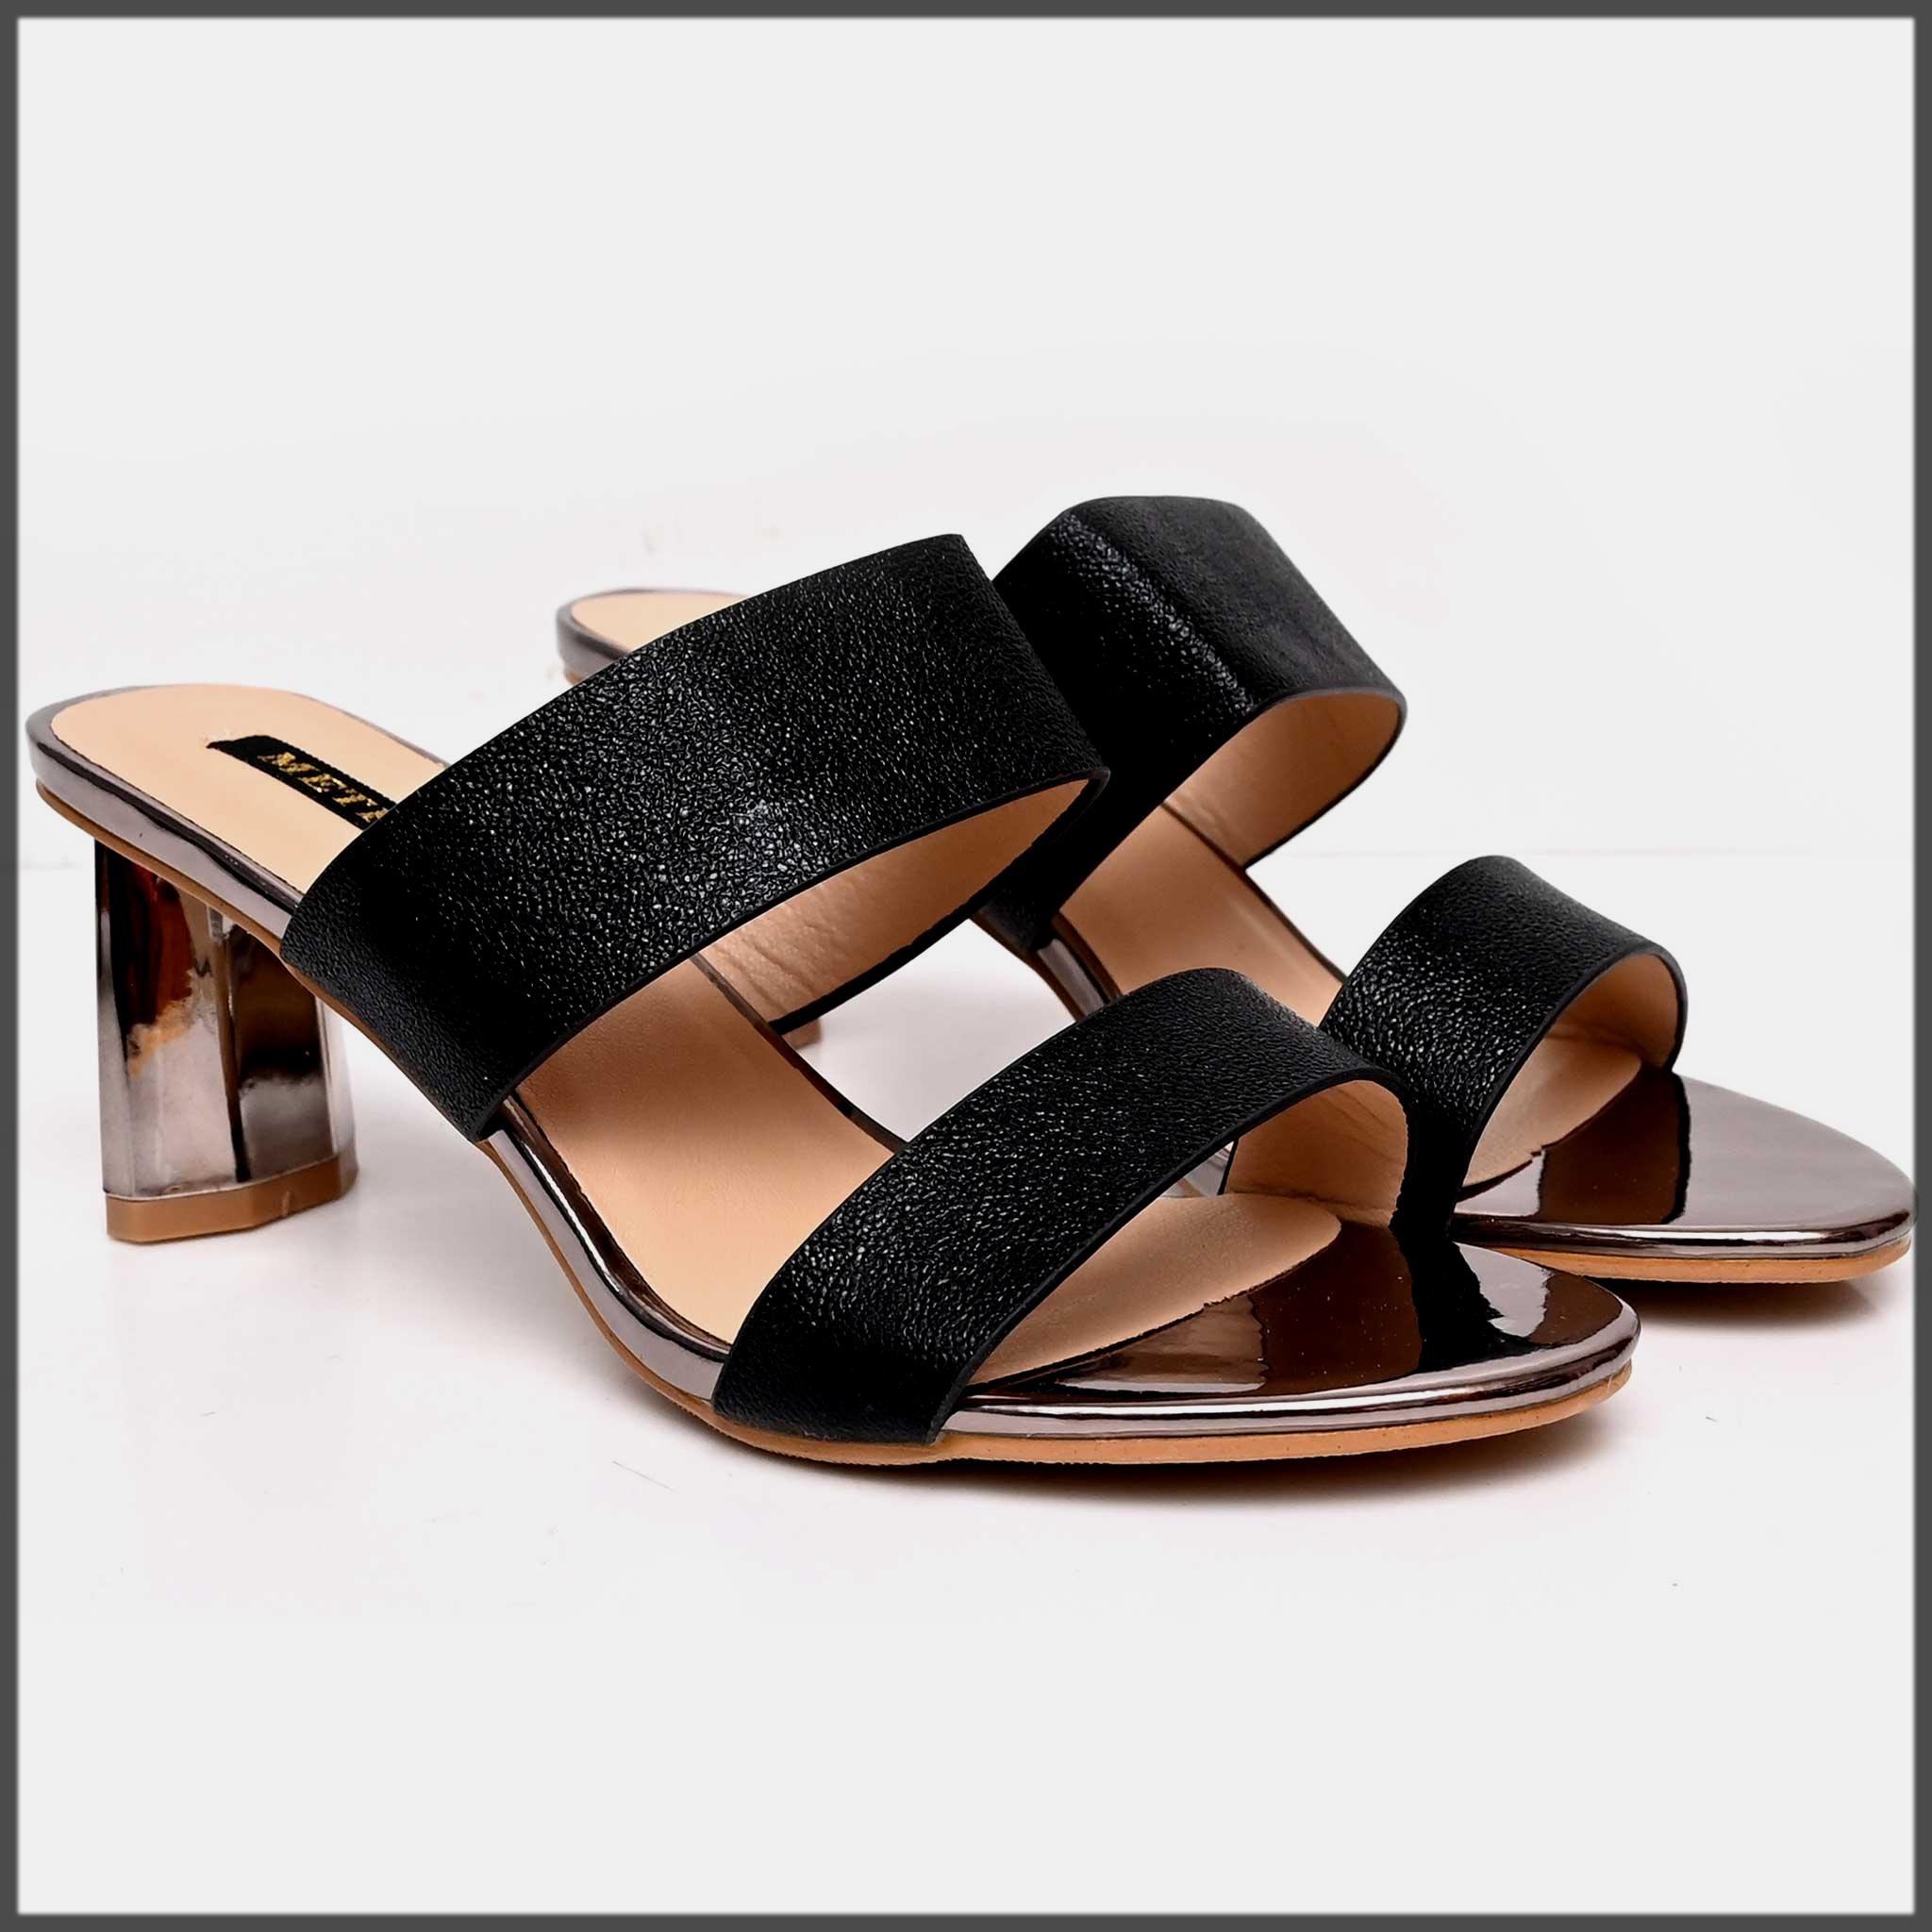 sleek black summer formal shoes